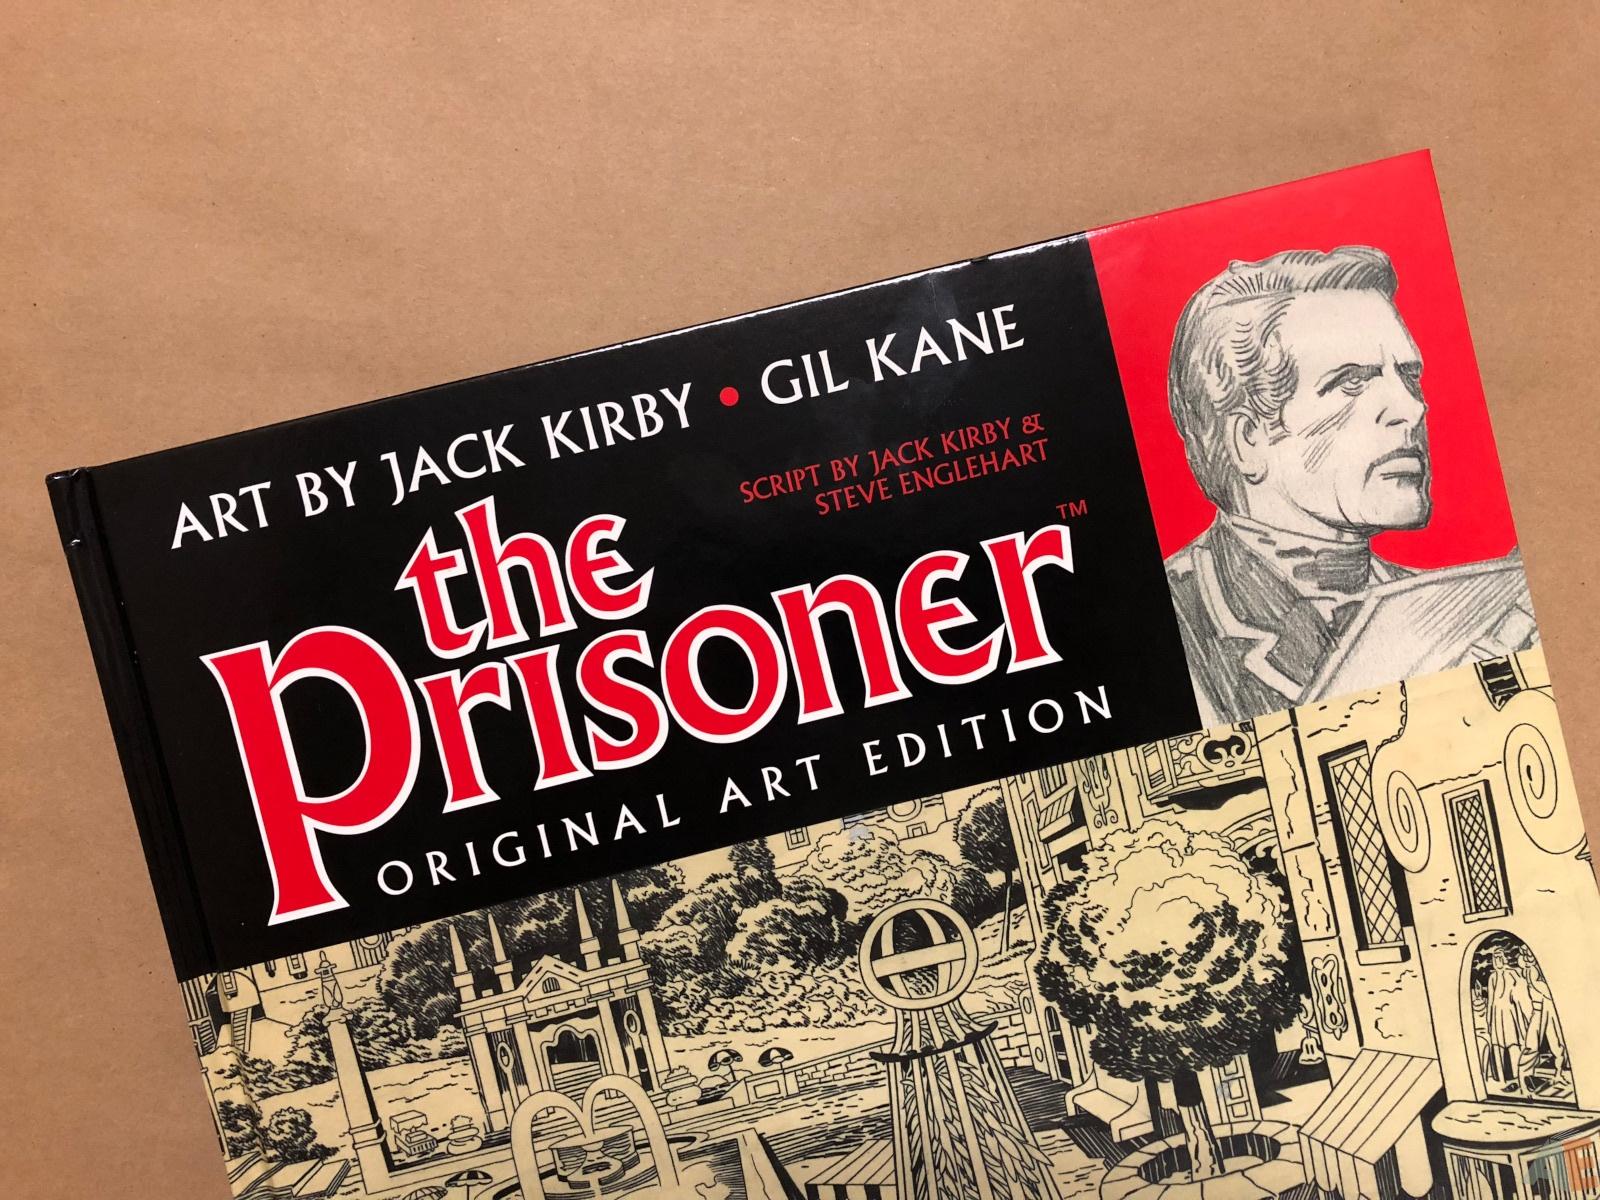 The Prisoner - Original Art Edition